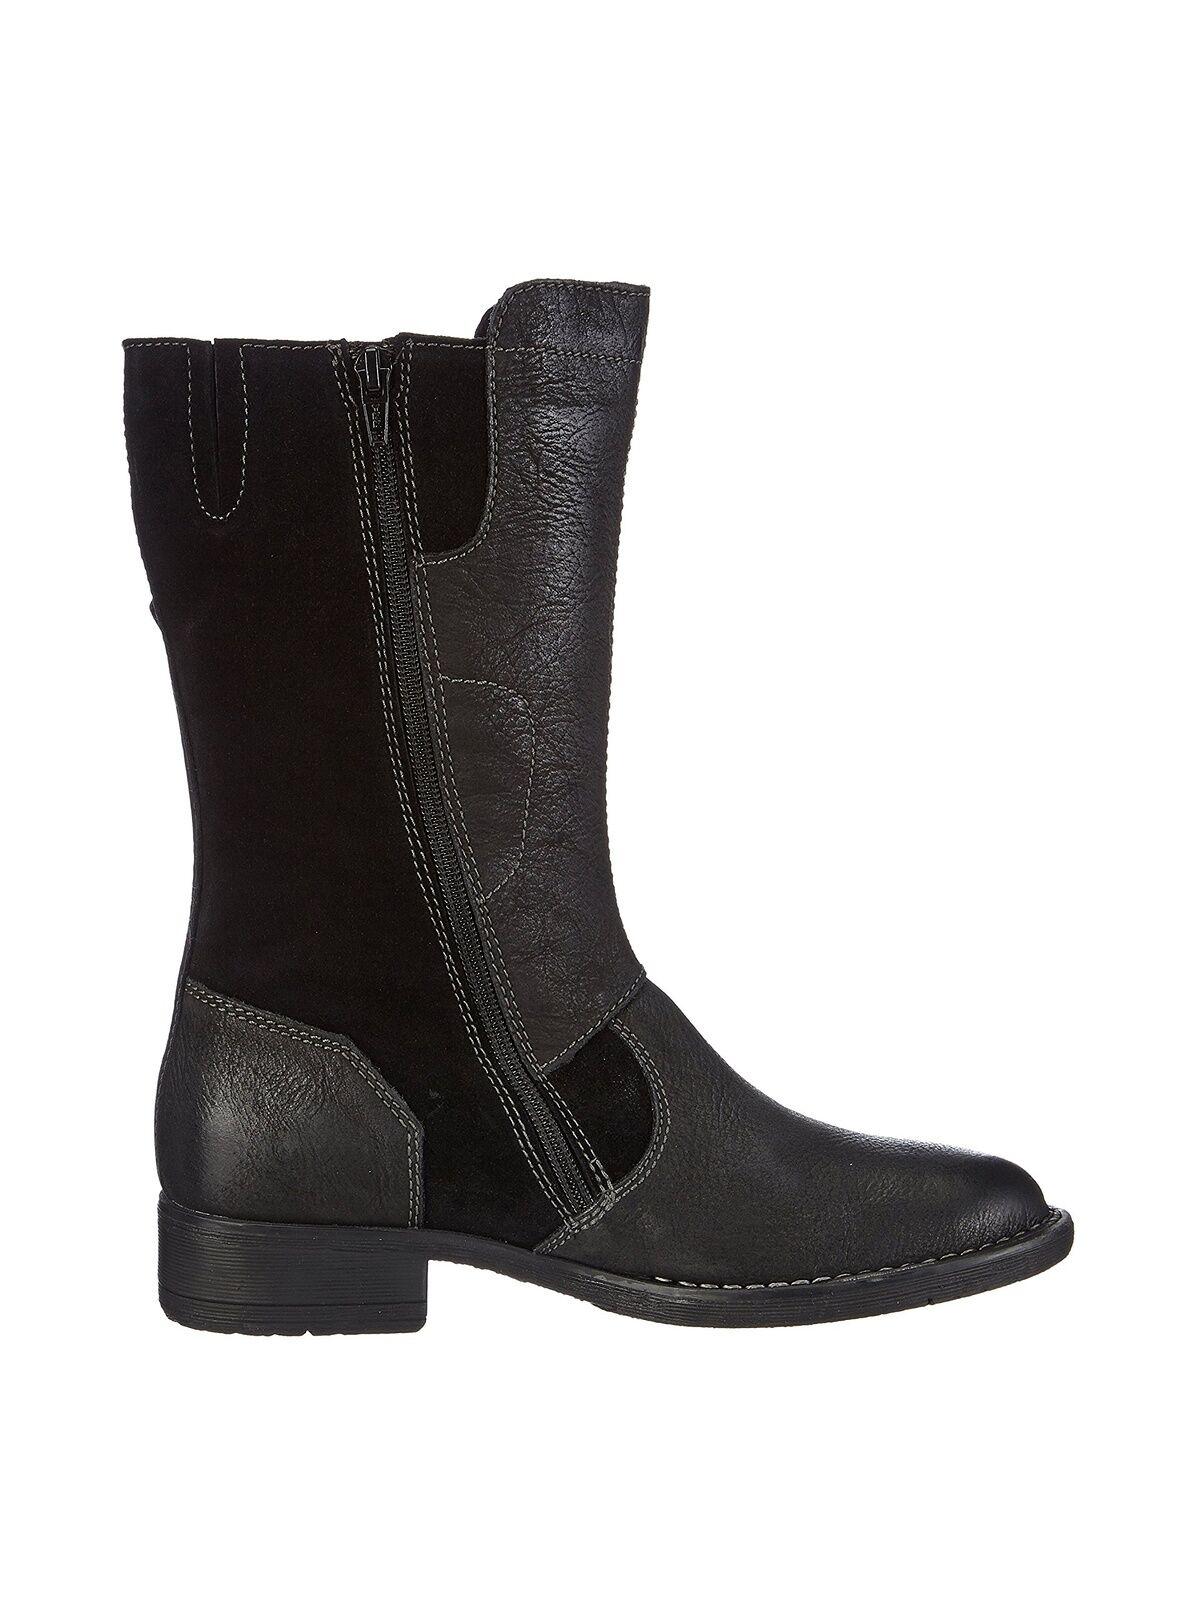 Camel Active botas, nuevo, PVP , cuero, FB. negro, en OVP